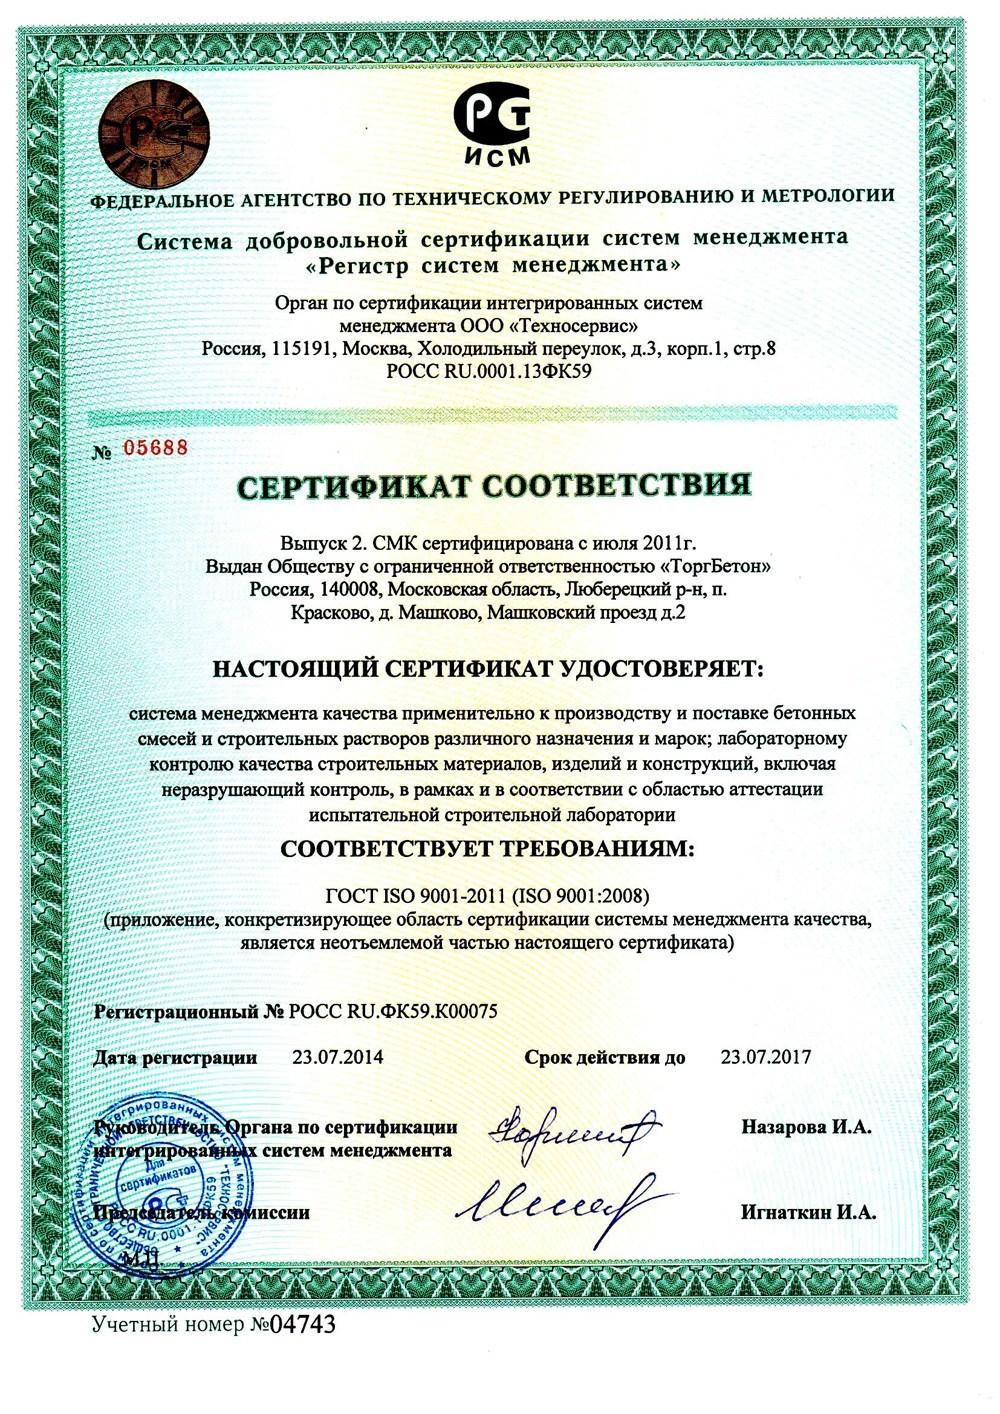 заказать Гост Р ИСО 9001 2008 в Новочеркасске